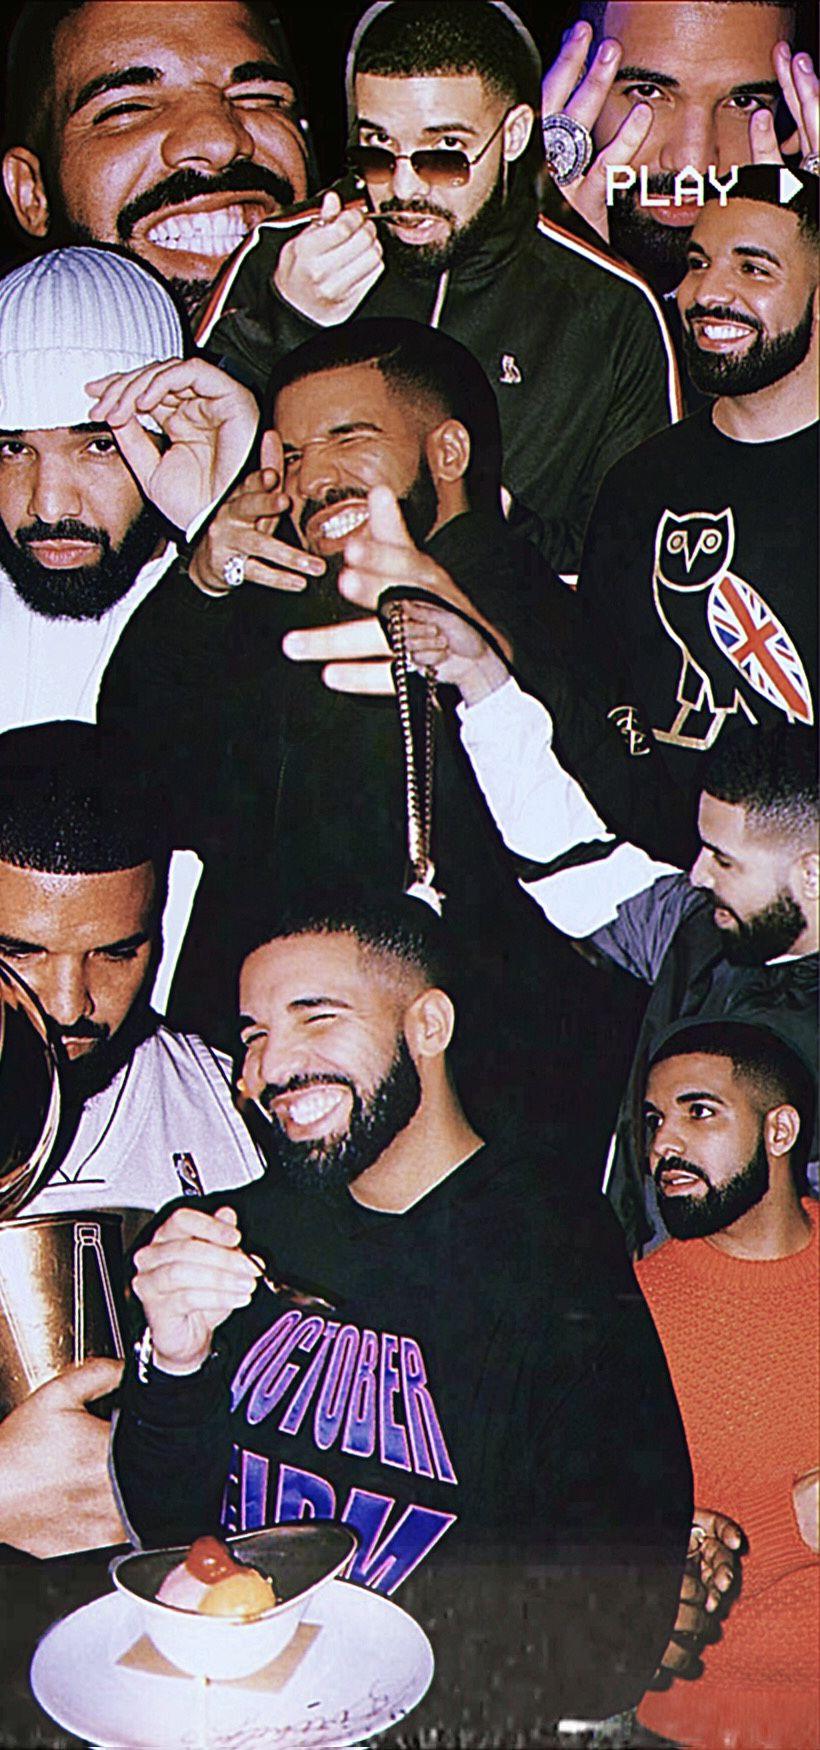 Drake wallpaper in 2020 Drake iphone wallpaper, Drake